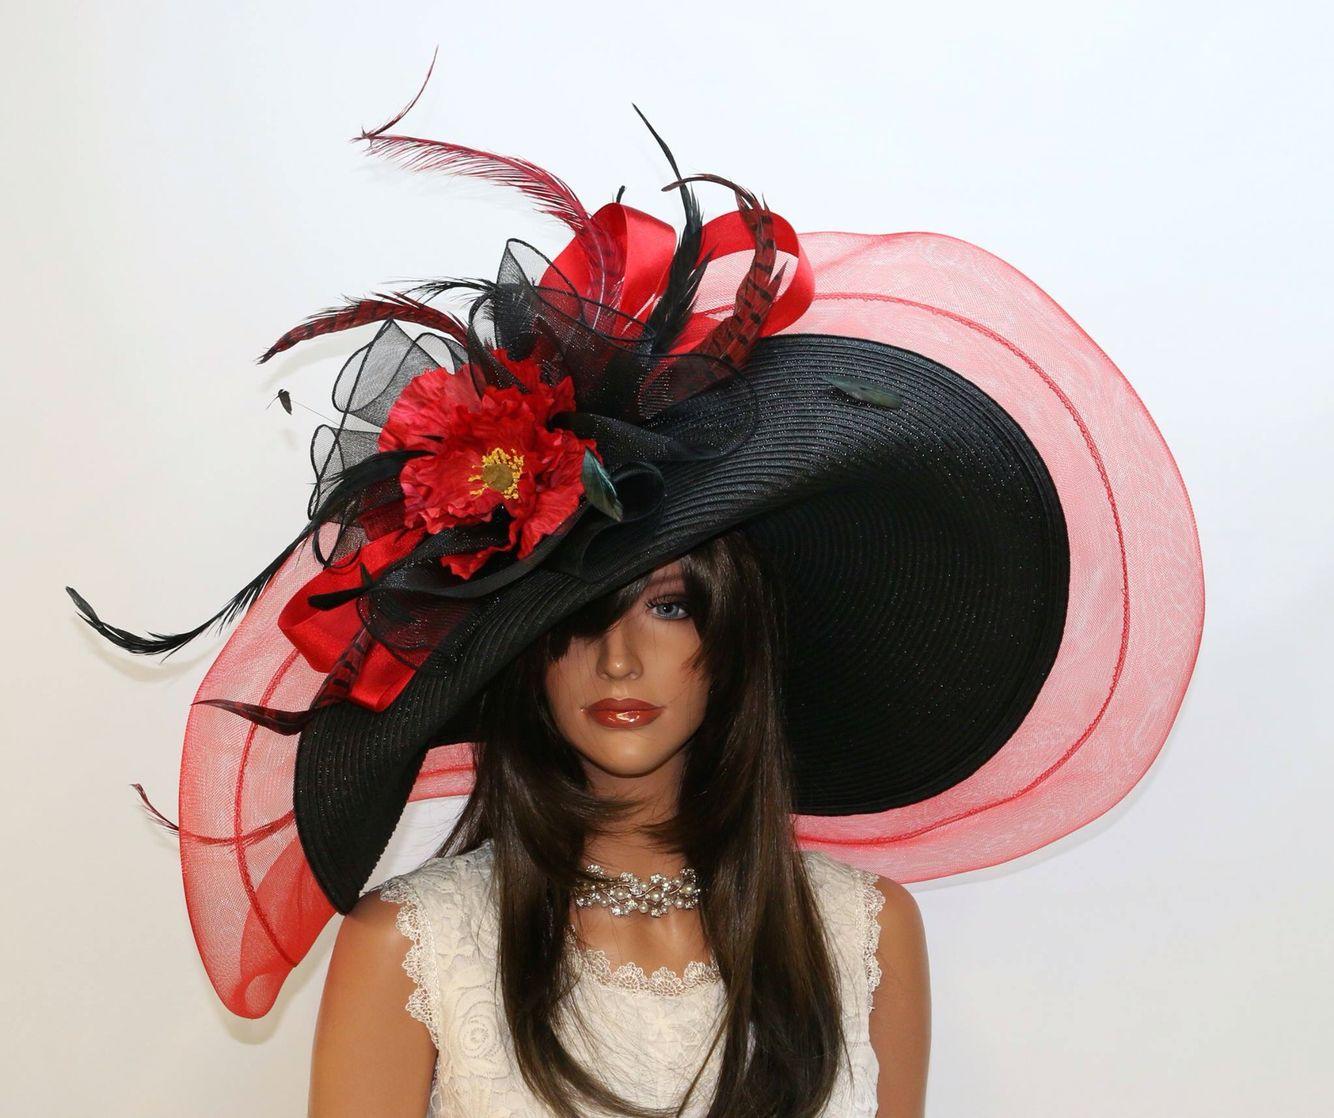 Crazy Derby Hats: Kentucky Derby Hats By Vinzetta